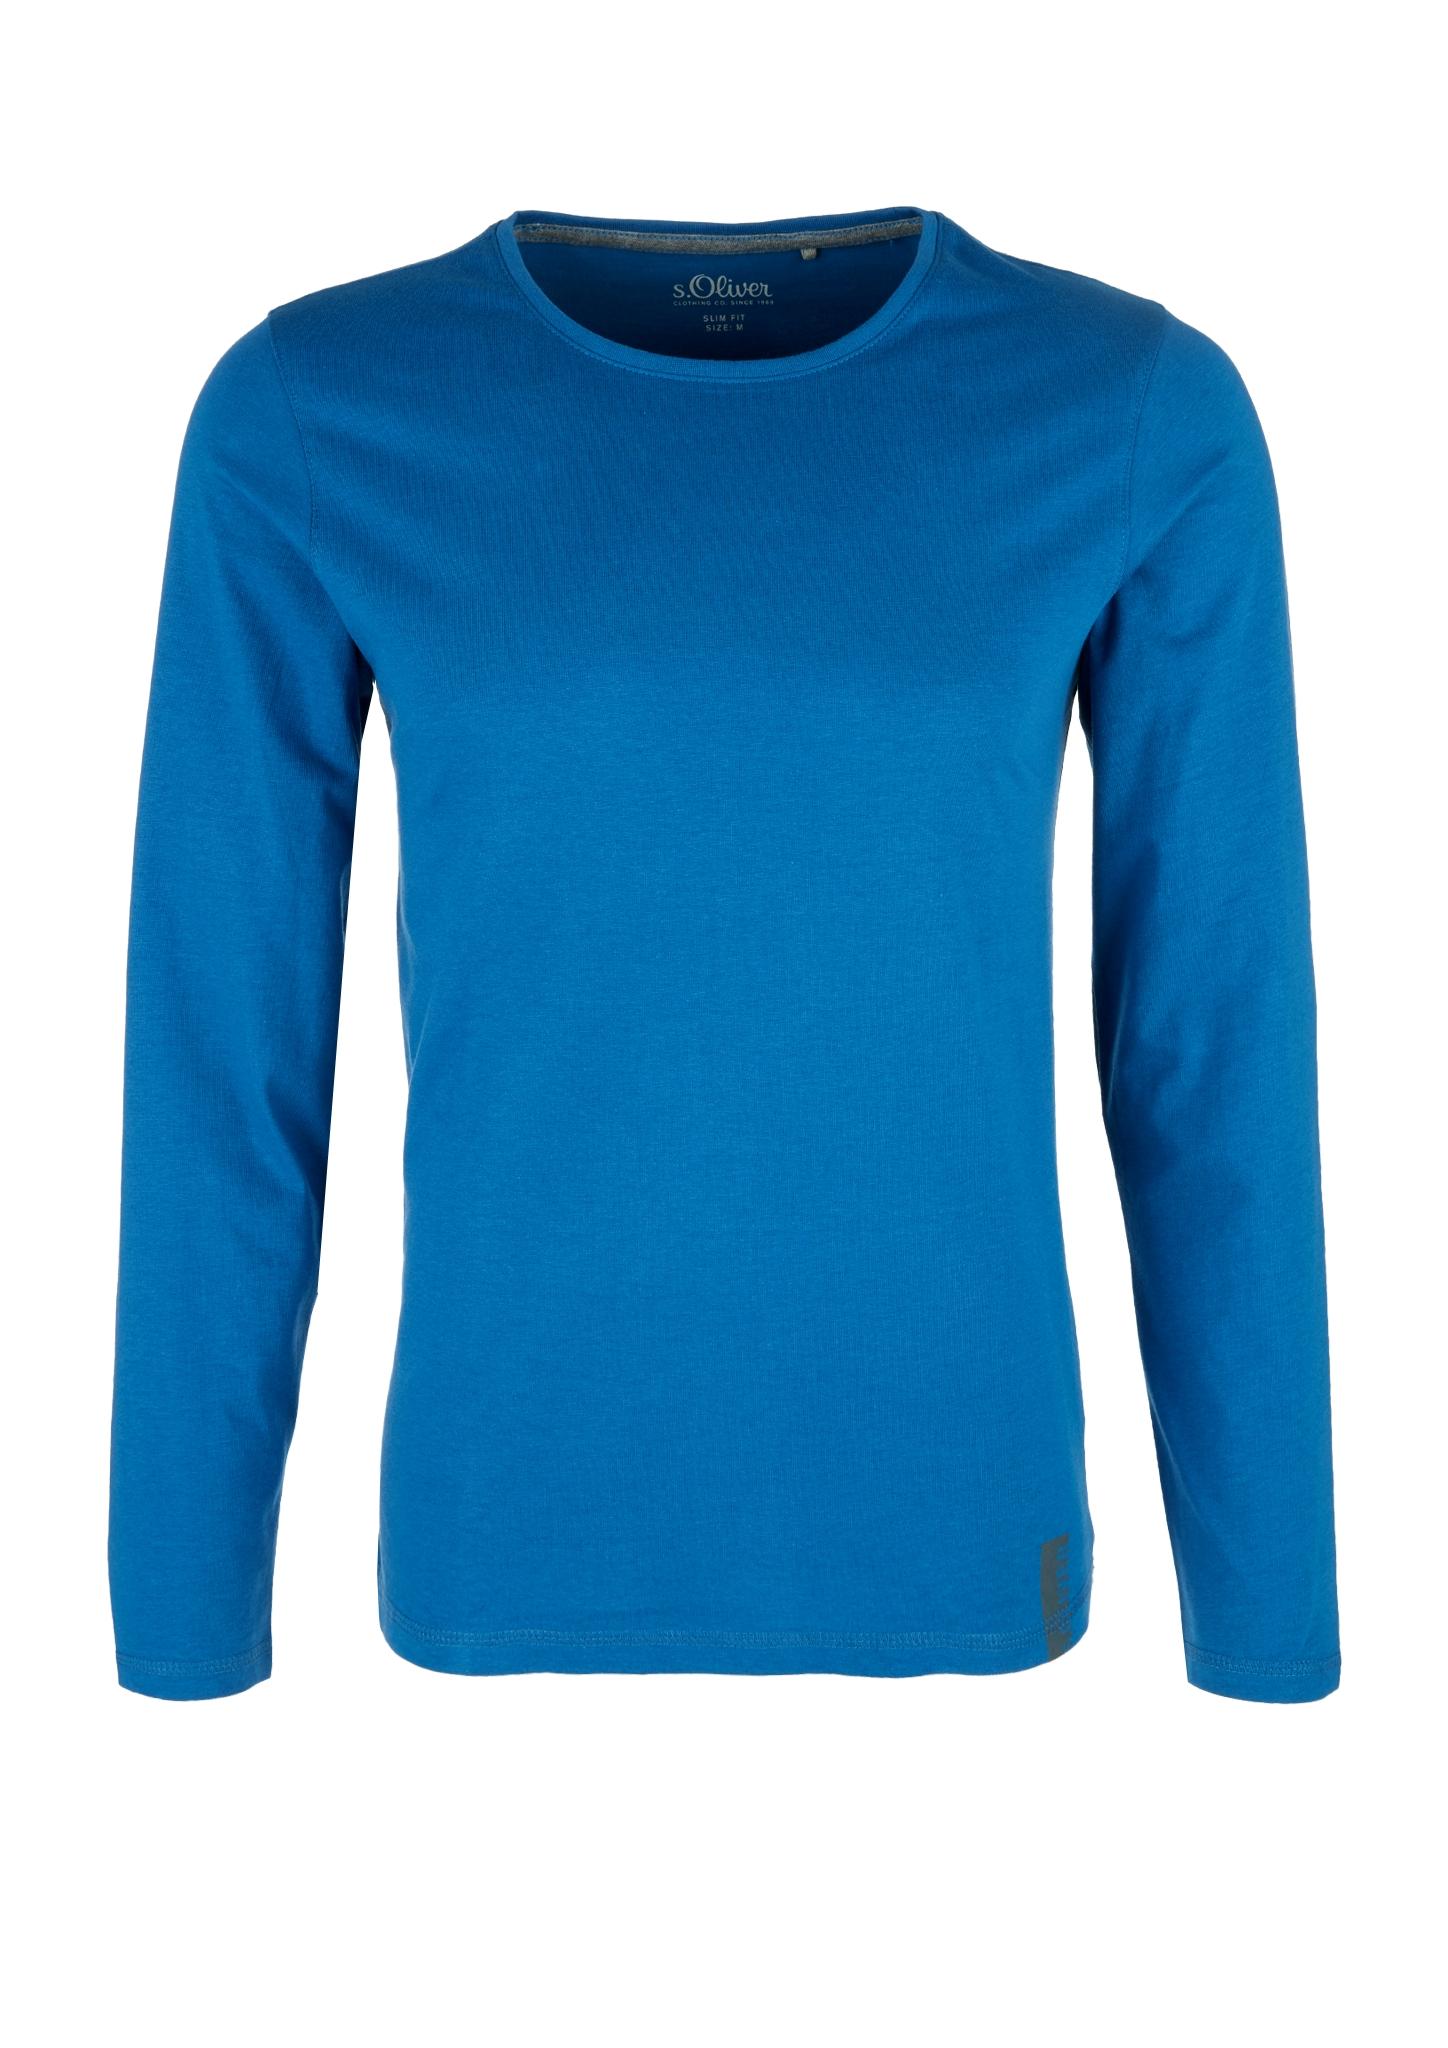 Langarmshirt   Bekleidung > Shirts > Langarm Shirts   Blau   100% baumwolle   s.Oliver